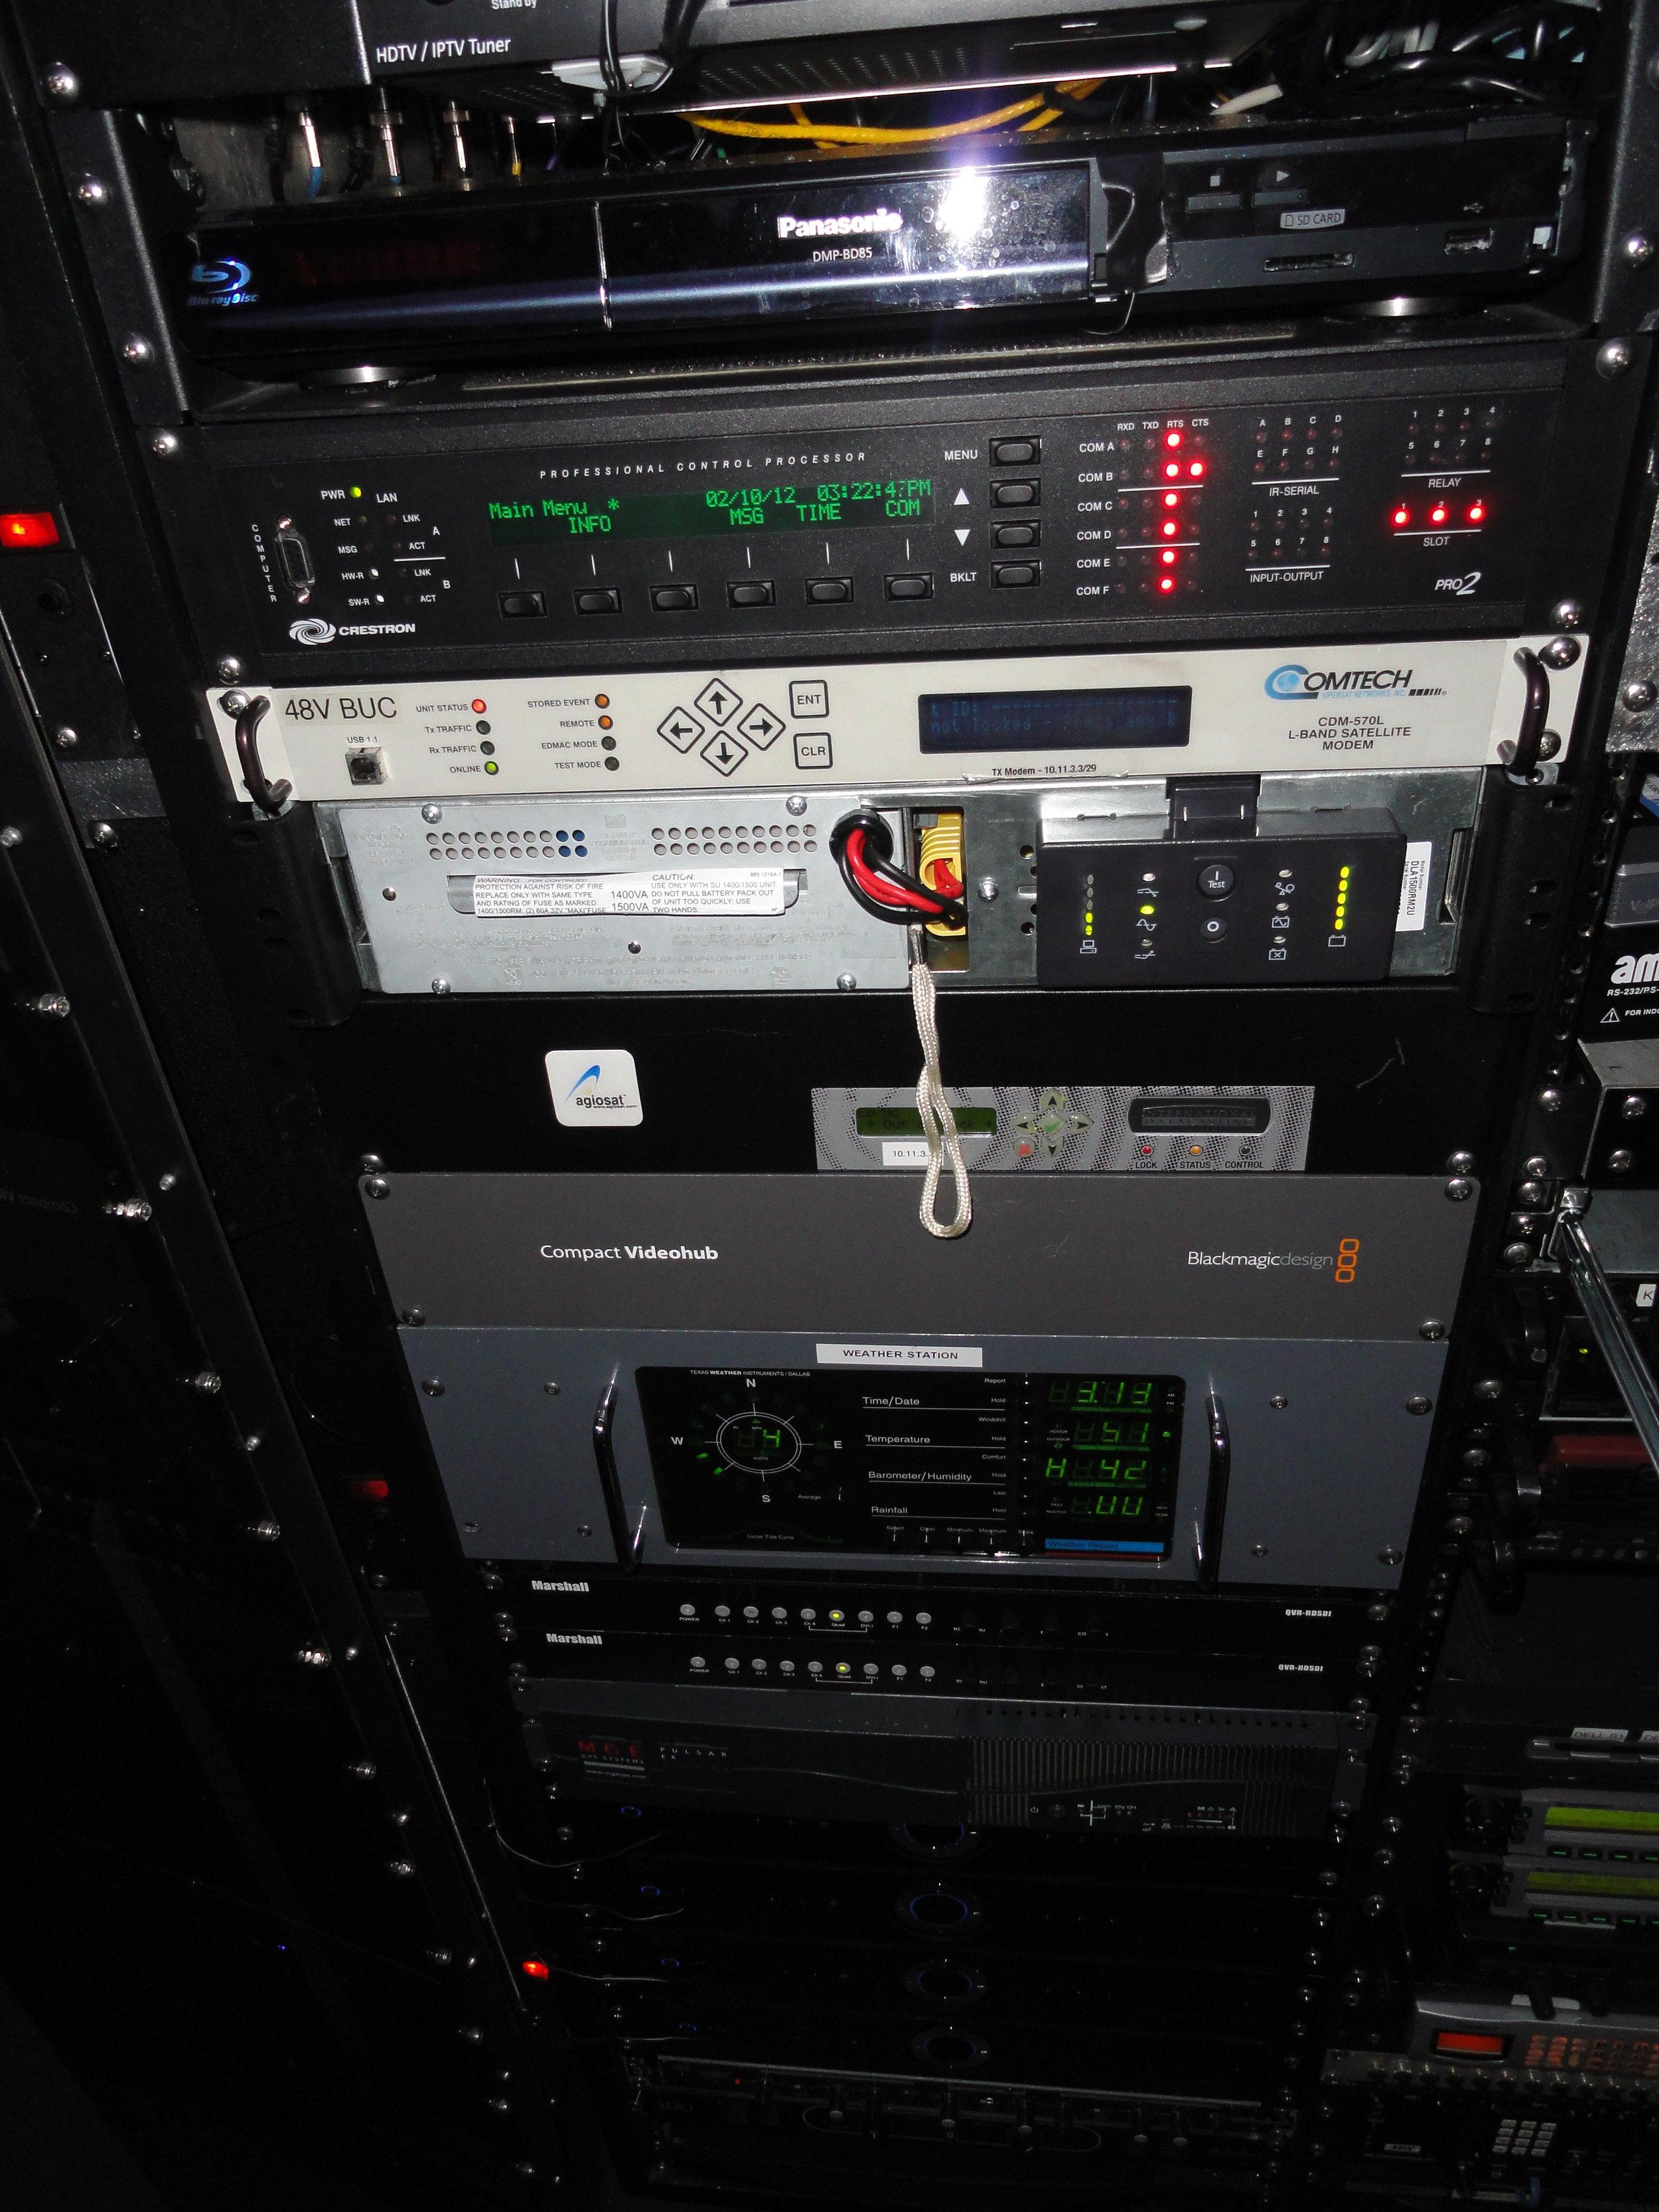 25 CVS - Arlington Fire Mobile Command AV Upgrade pic #6.JPG